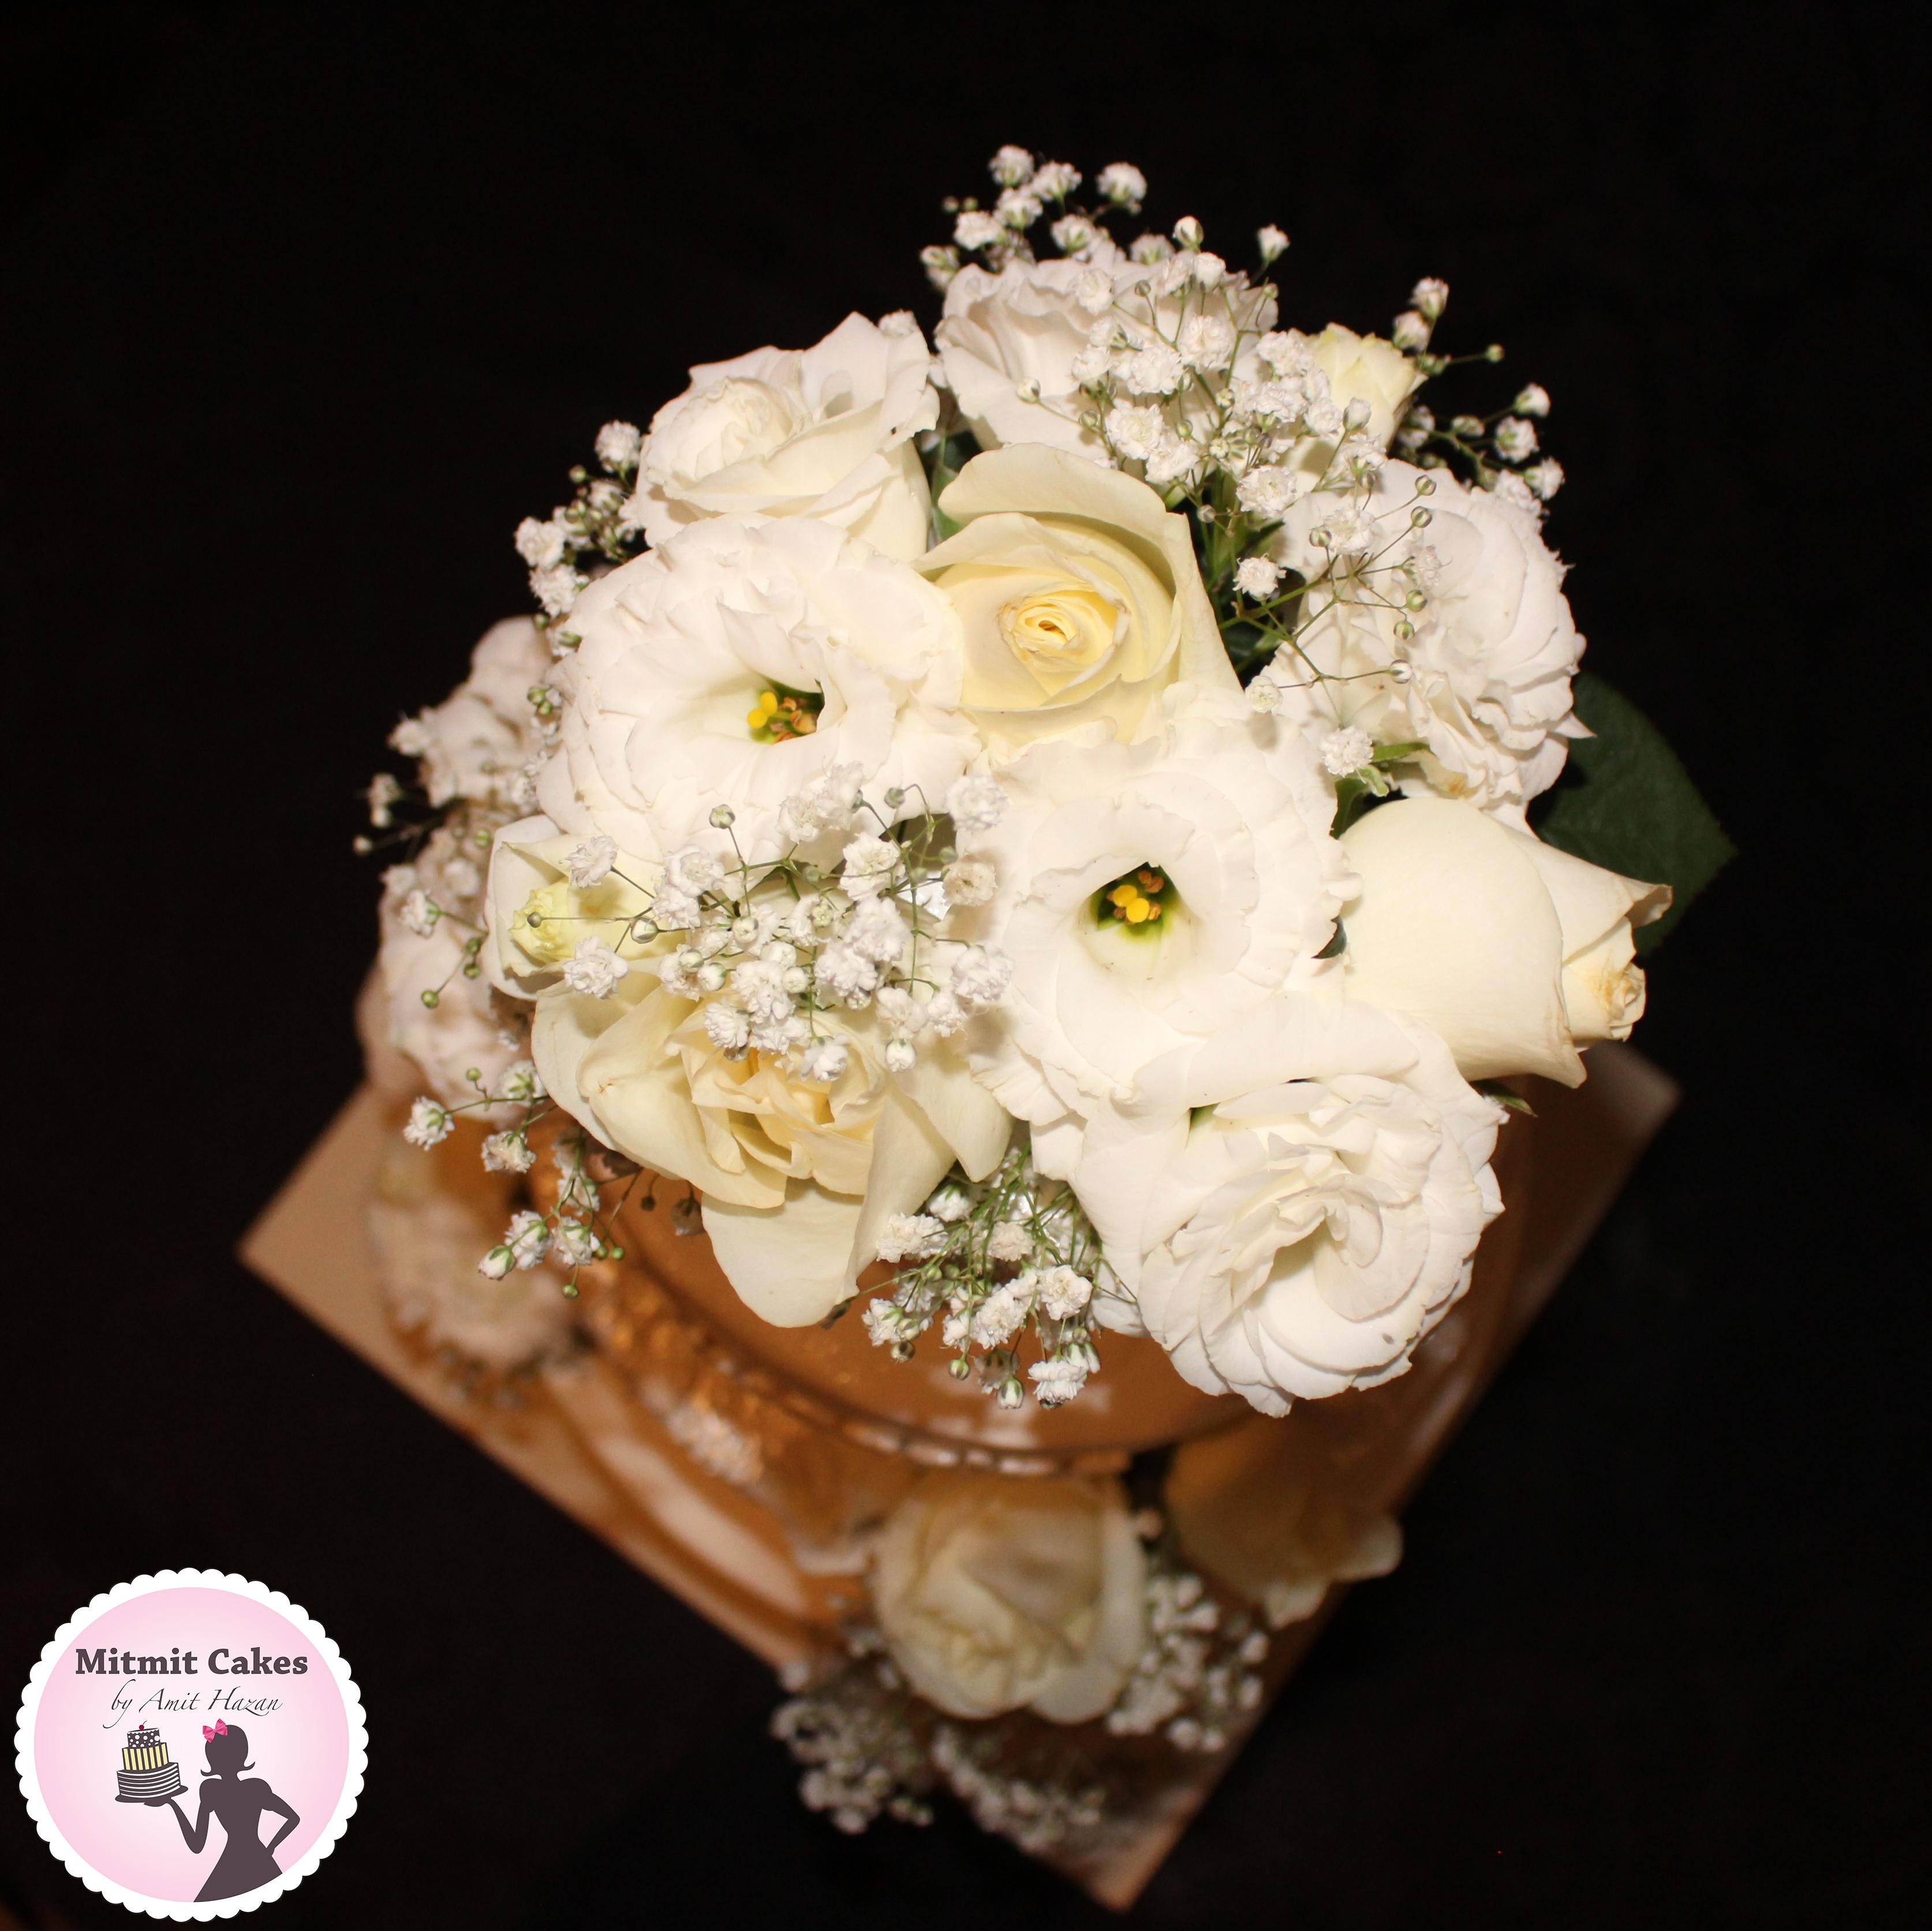 מבט עליון על עוגת חתונה עם זר פרחים